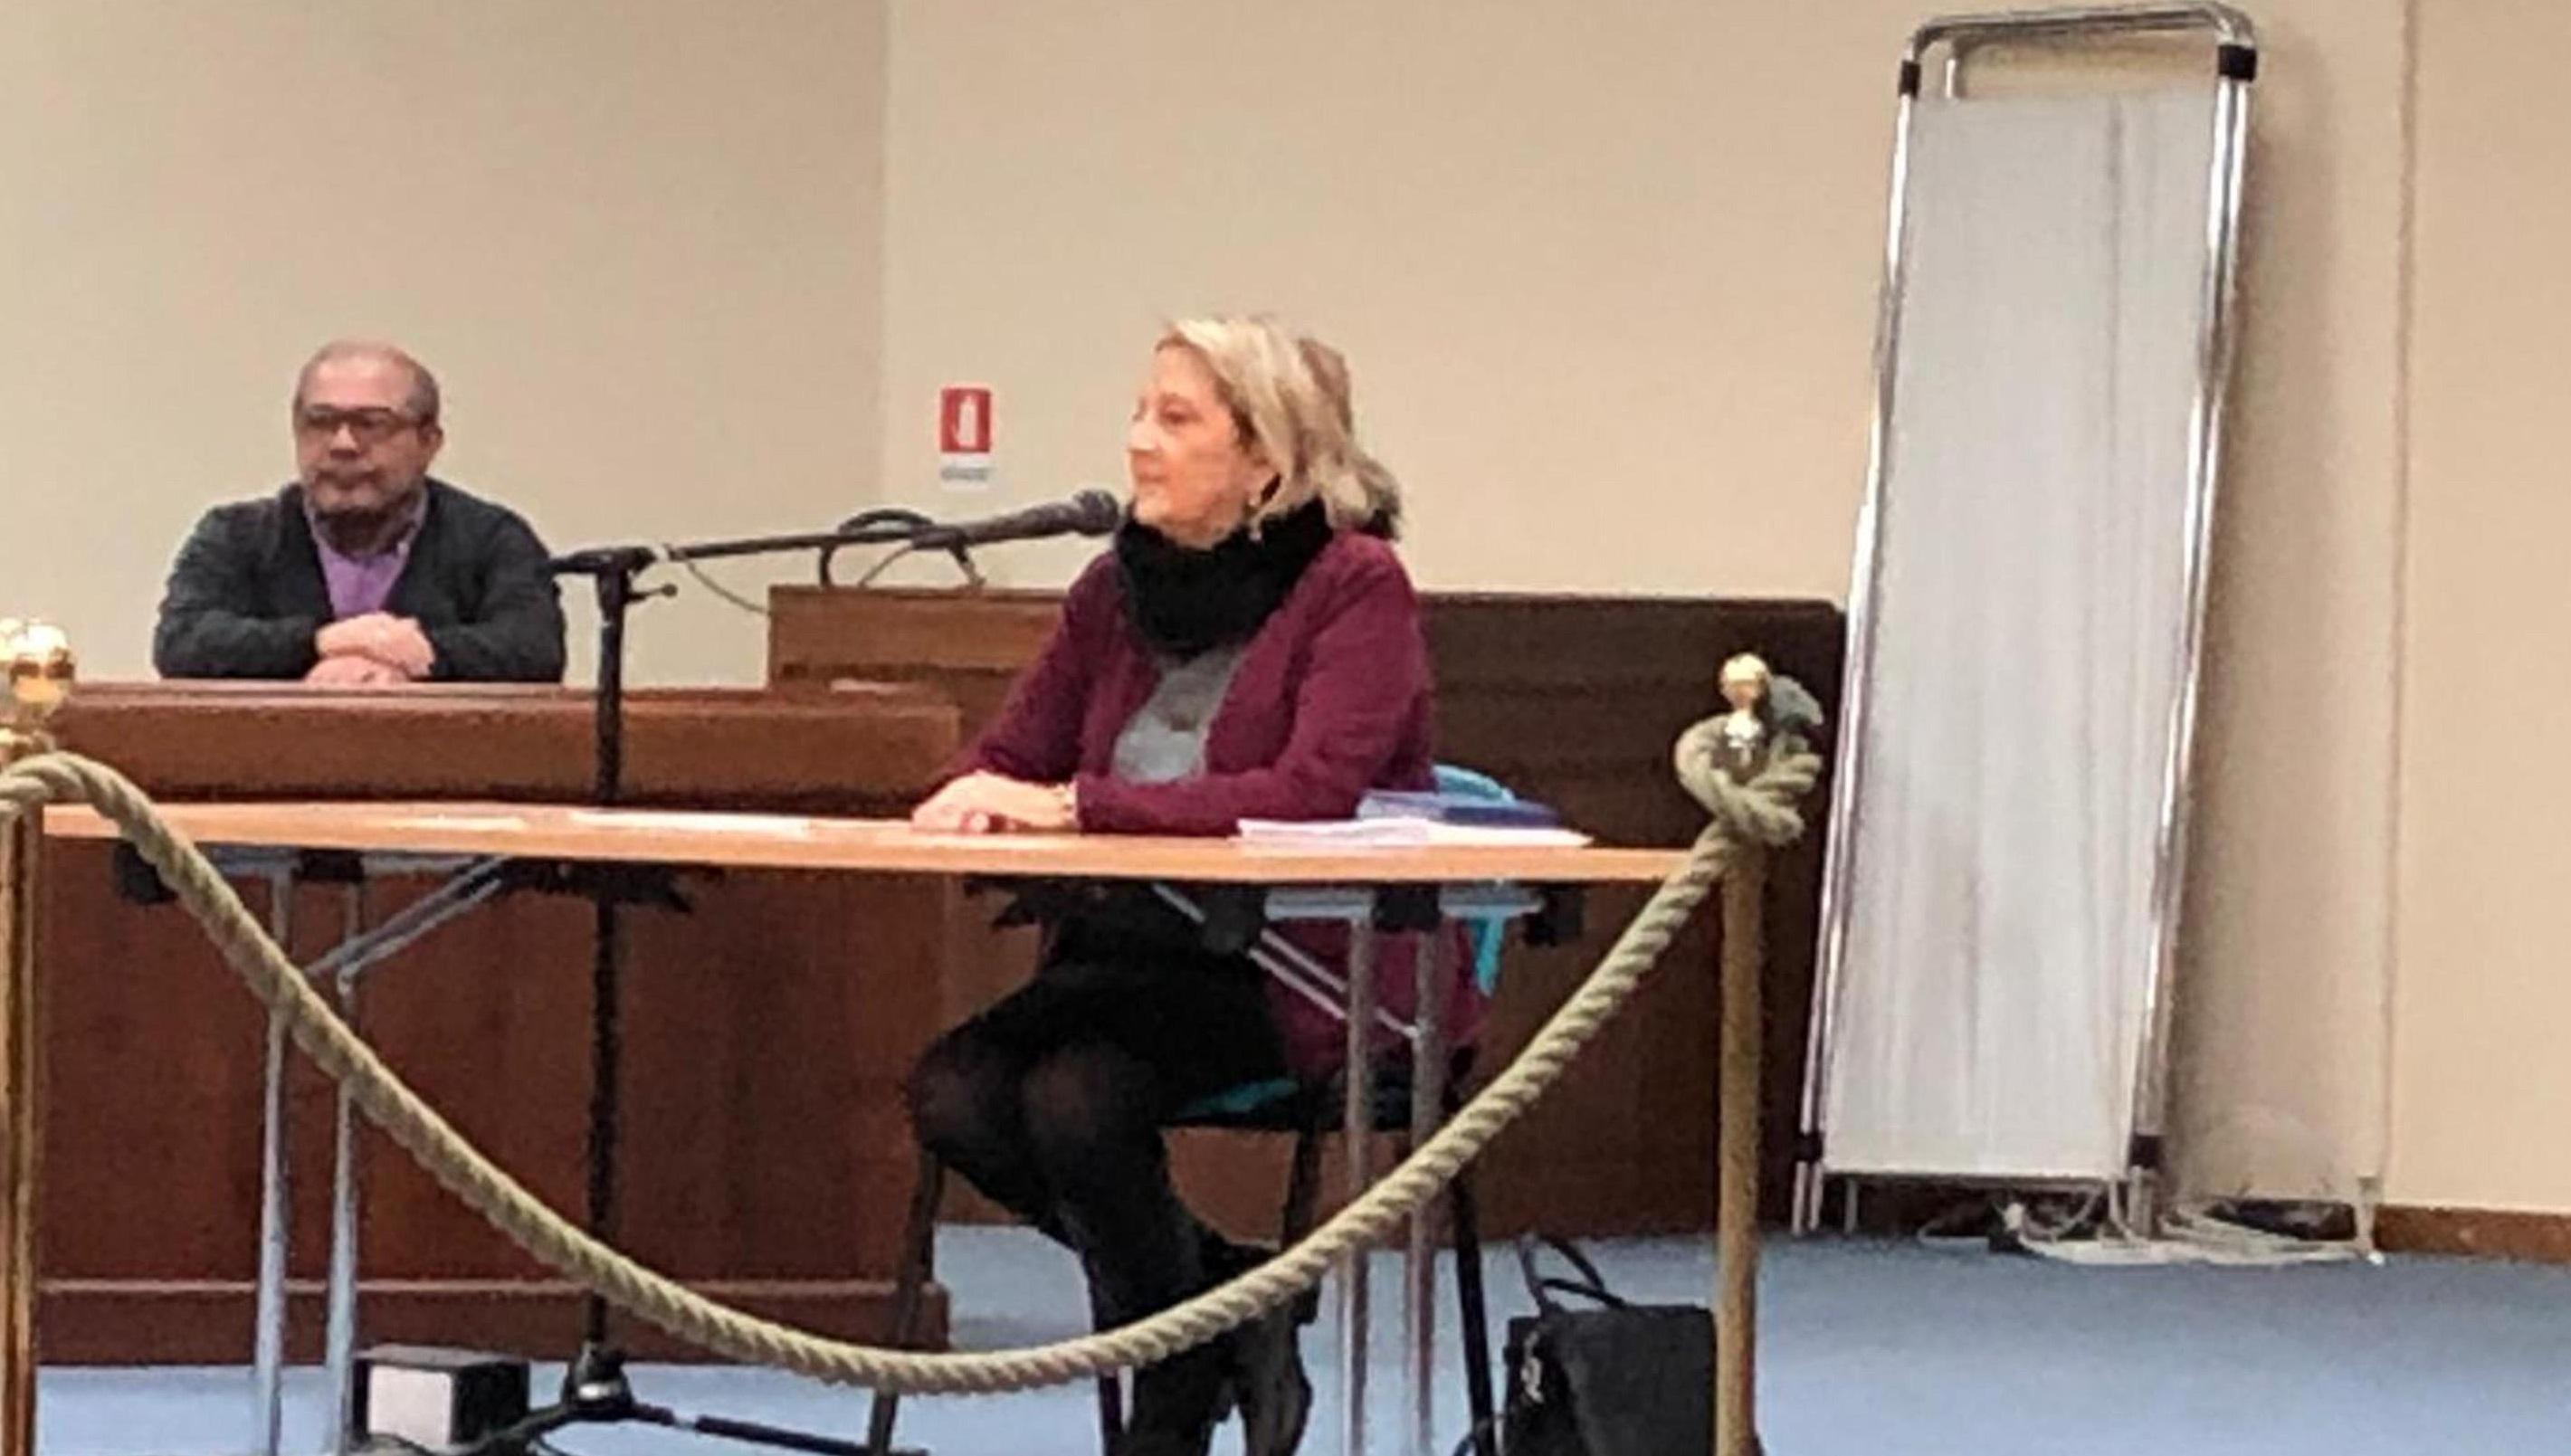 L'ex presidente della sezione misure di prevenzione del Tribunale di Palermo Silvana Saguto depone nel processo che la vede imputata davanti al Tribunale di Caltanissetta per presunte irregolarità nella gestione dell'ufficio, 20 febbraio 2019. ANSA